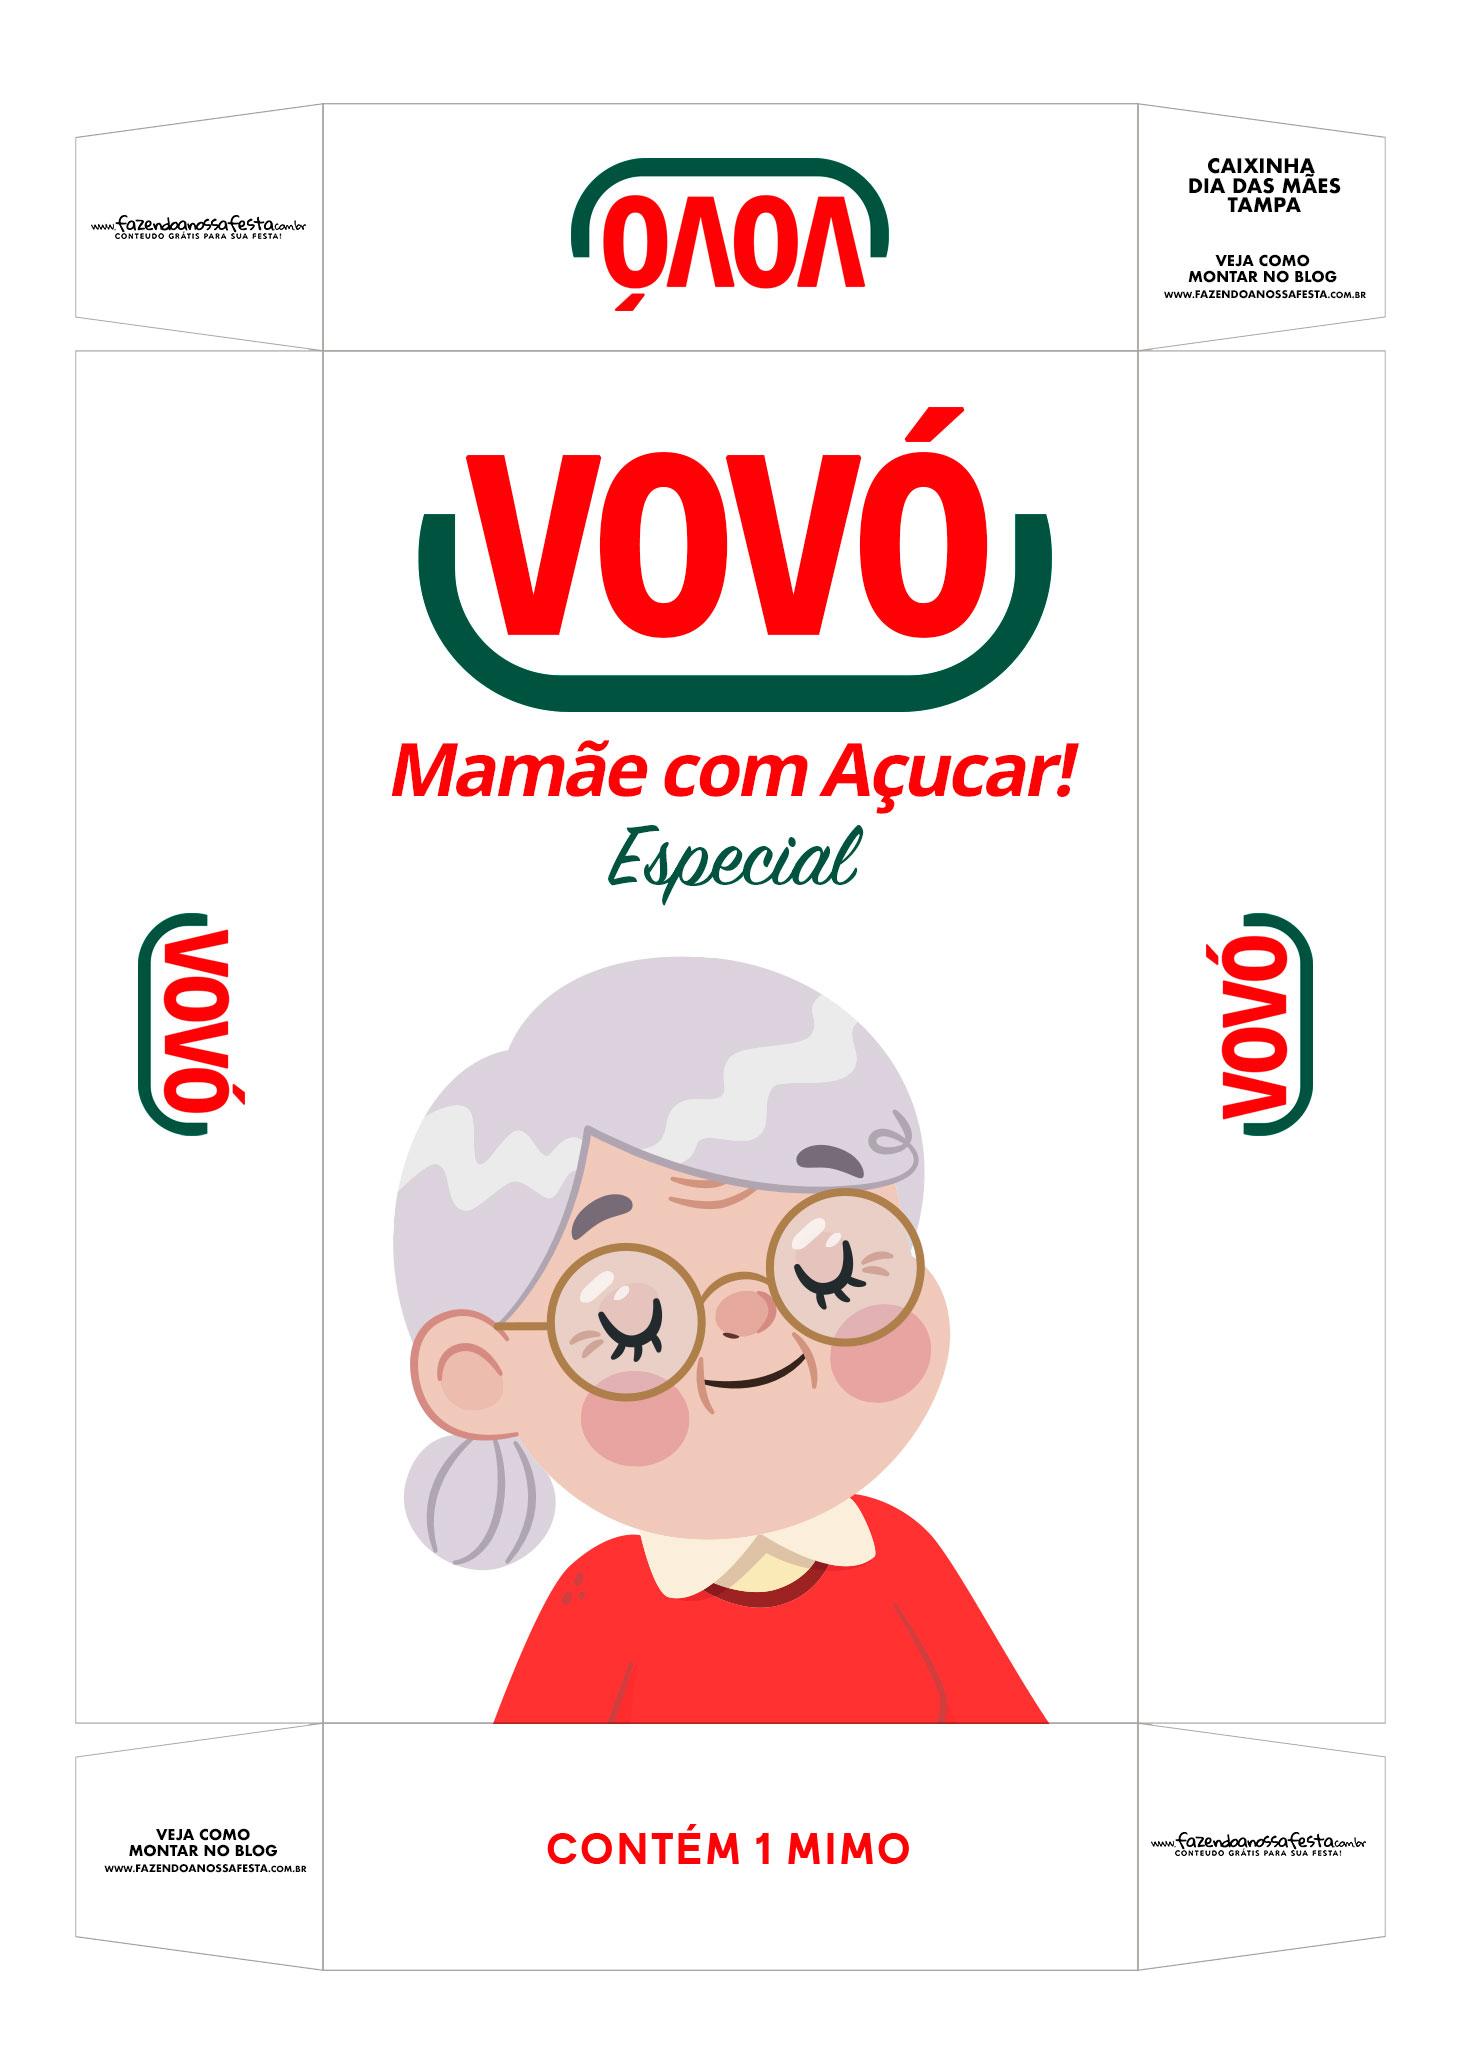 Caixa personalizada Vovo Mamae com Acucar tampa